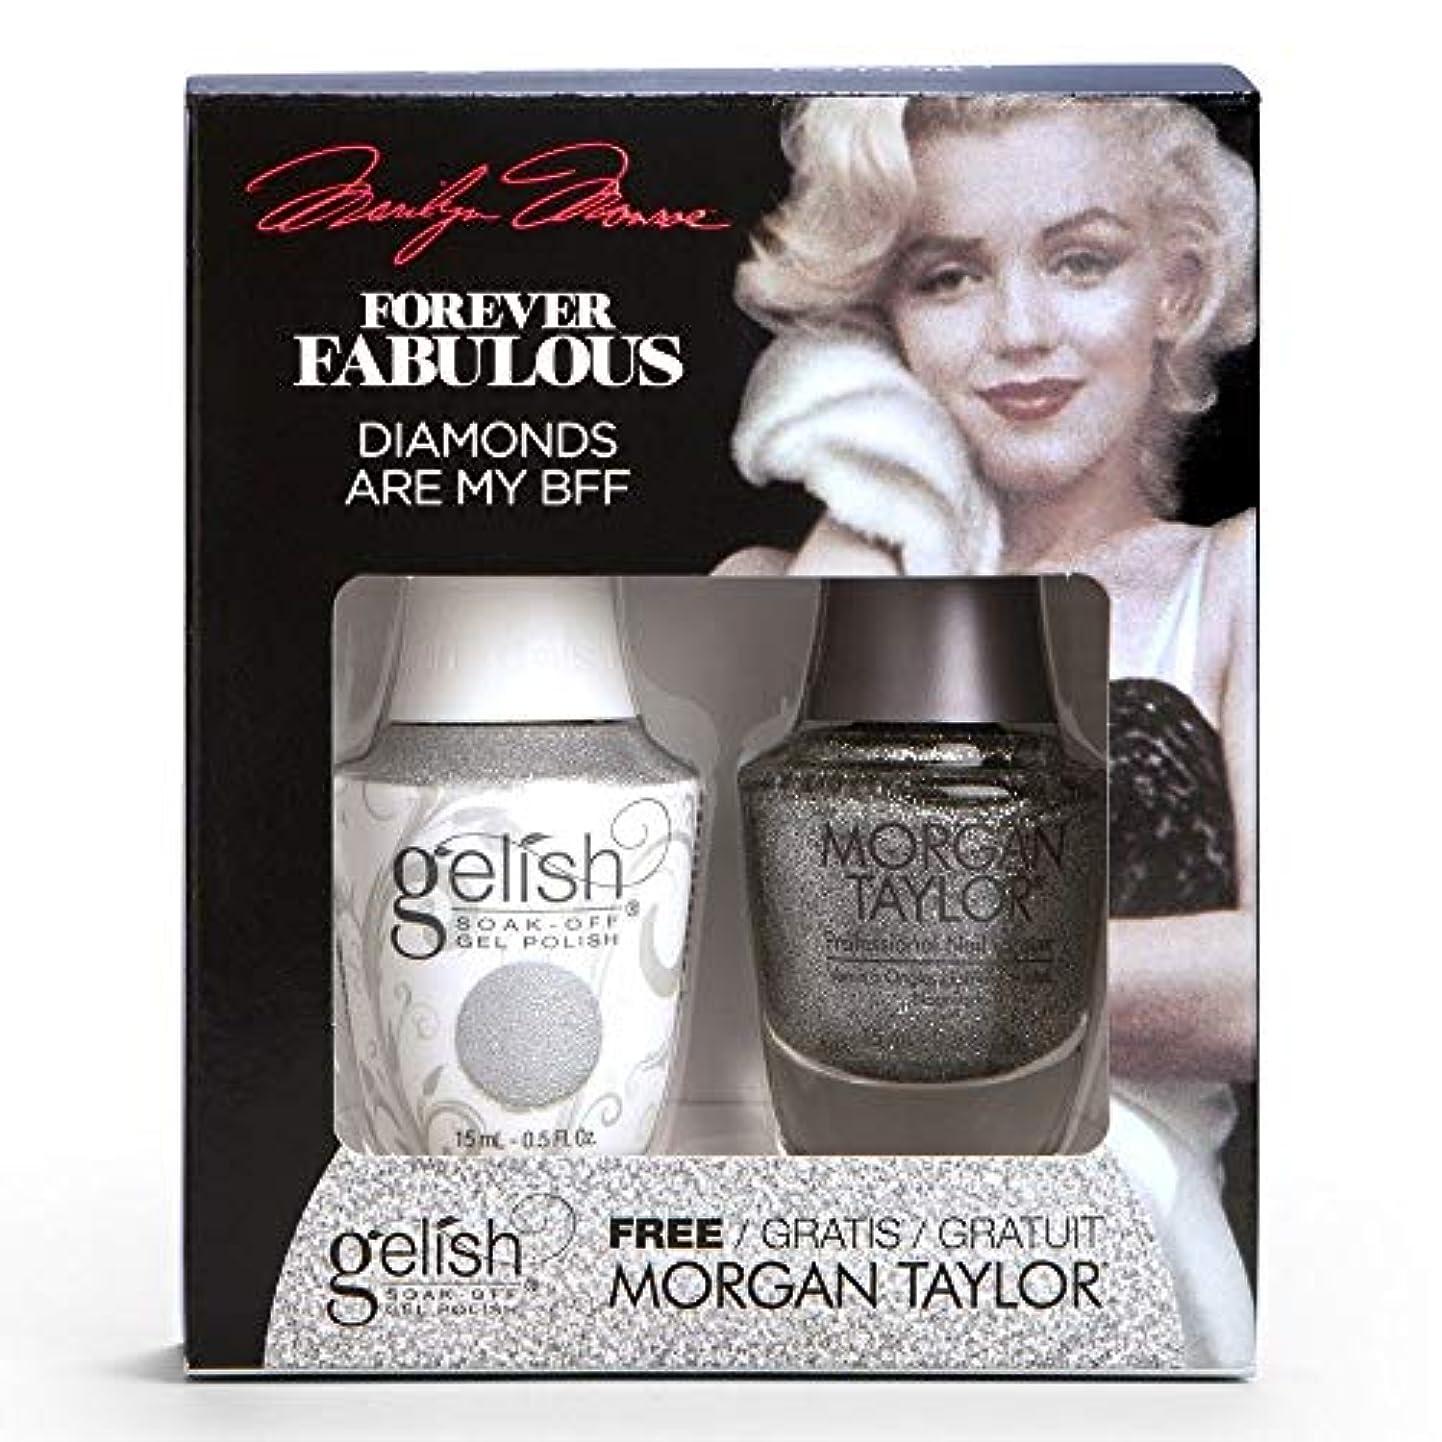 憂鬱なテンション虚栄心Harmony Gelish & Morgan Taylor - Two Of A Kind - Forever Fabulous Marilyn Monroe - Diamonds Are My BFF - 15 mL...